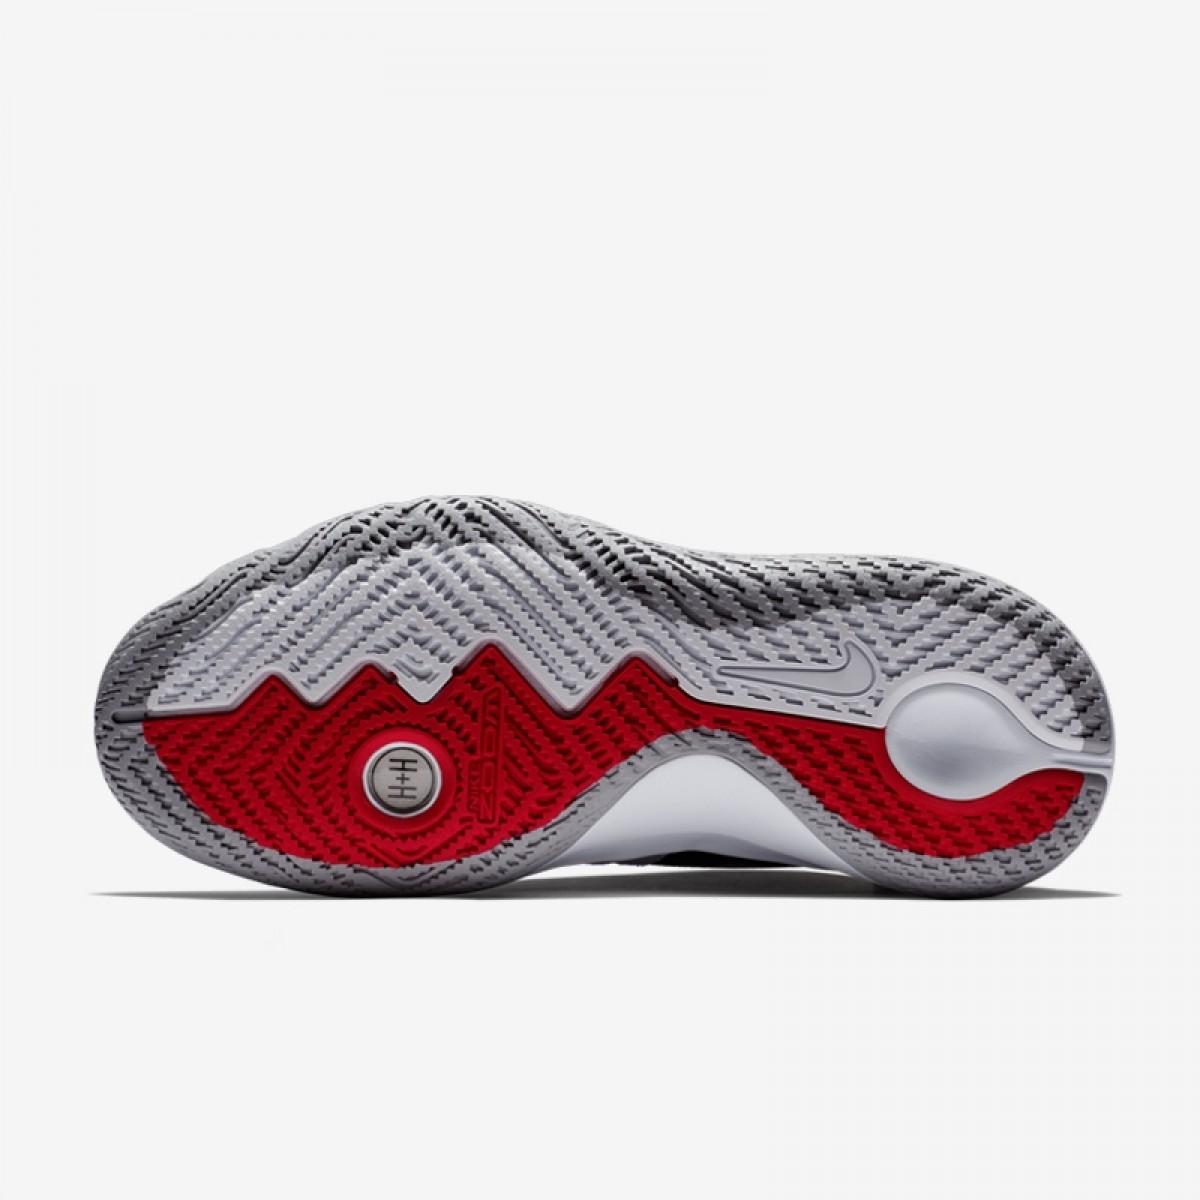 Nike Kyrie Flytrap AA7071-102